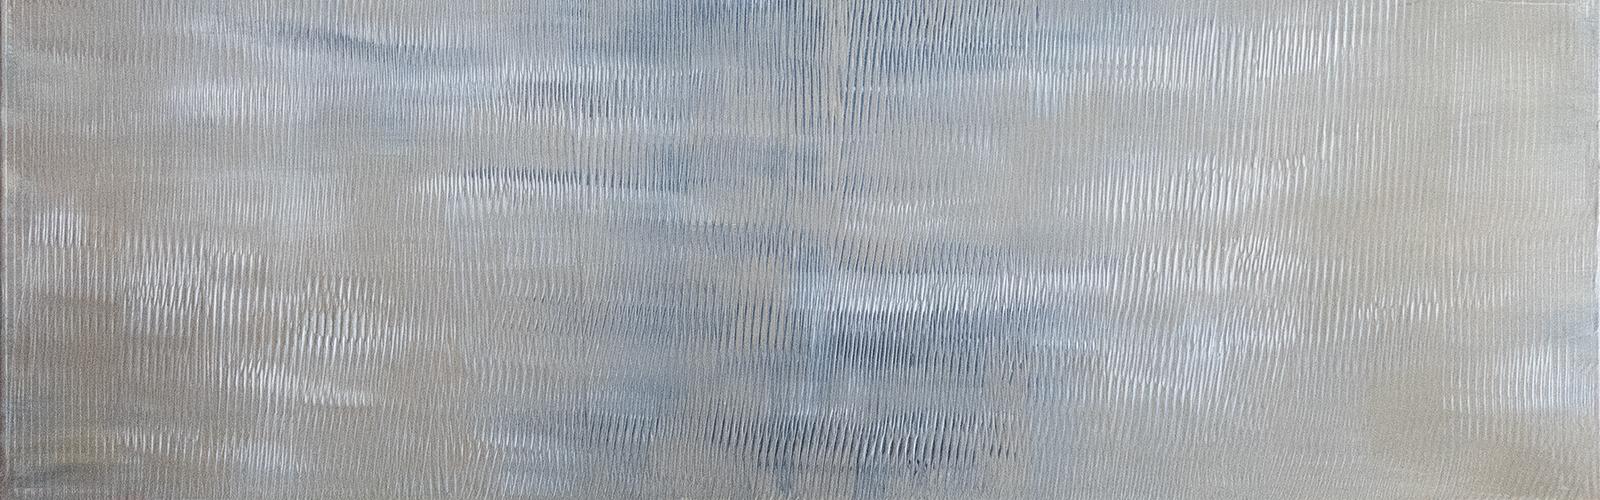 Mag_Wozniak_paintings